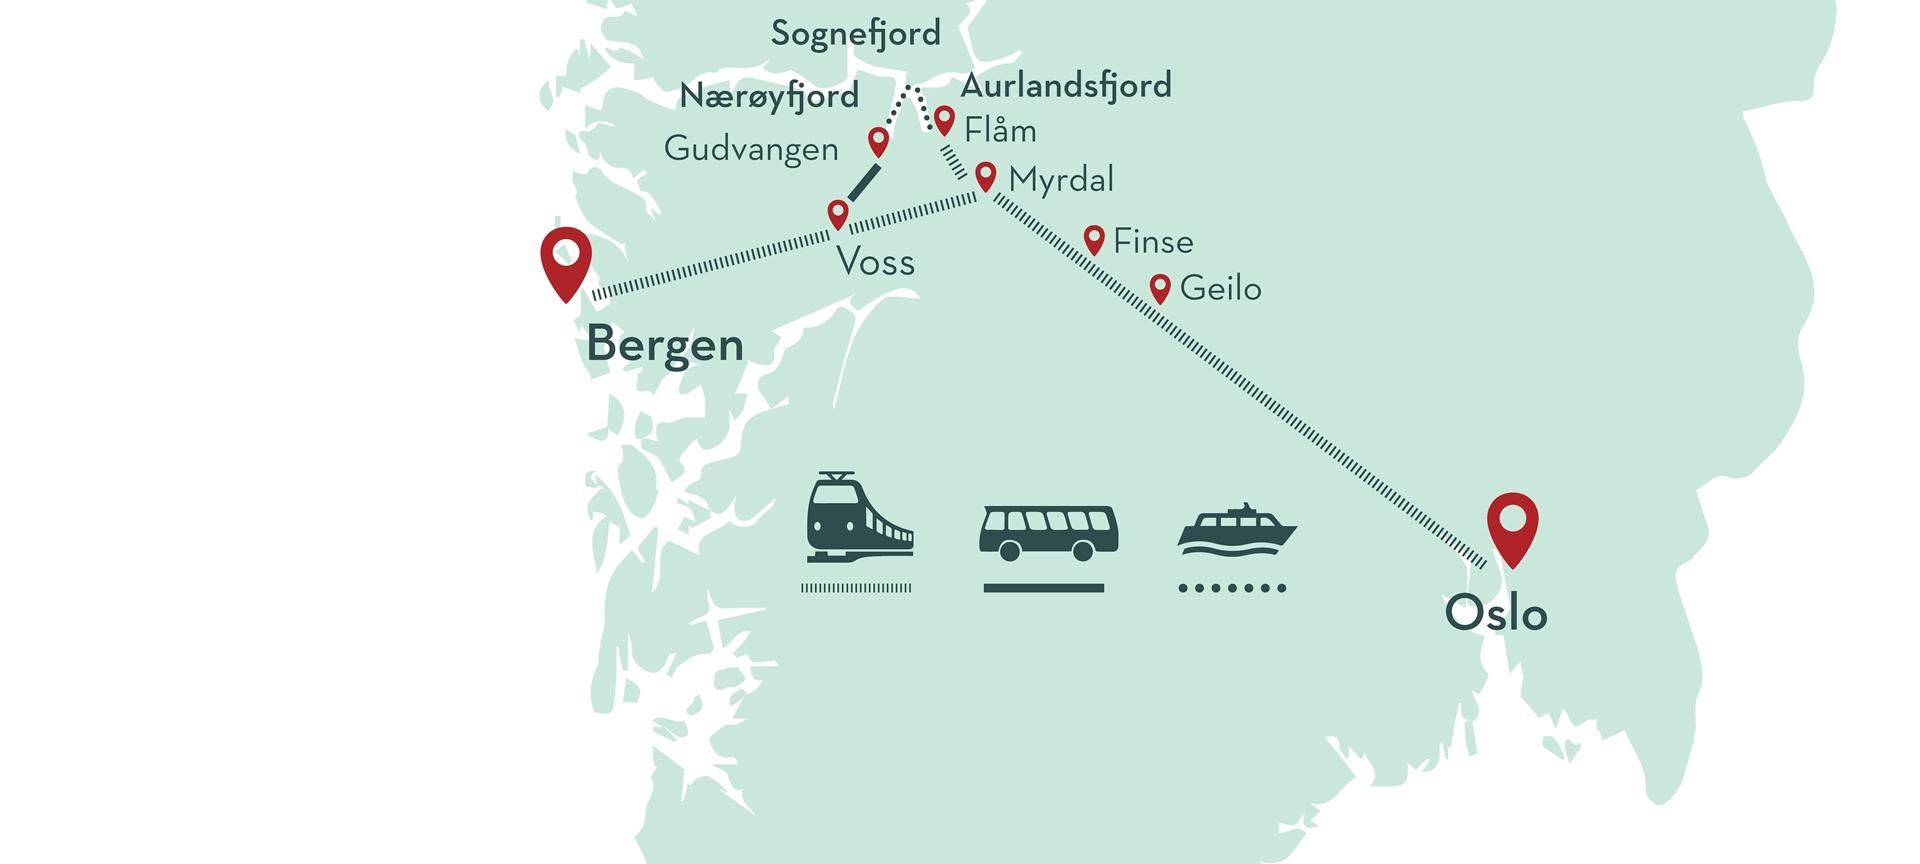 【北歐景點】Flåm 弗洛姆小鎮 — 挪威縮影的重要轉運站 (Flåm Camping與松恩峽灣渡輪介紹) 2